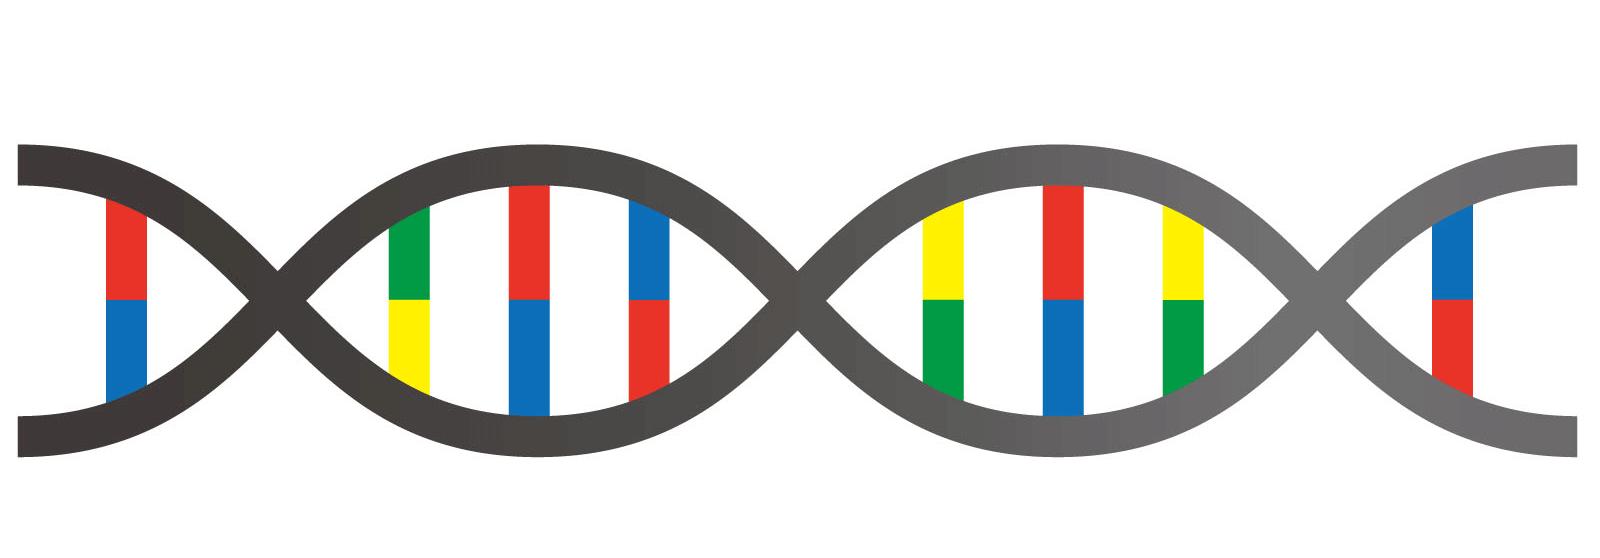 すそわきがが遺伝しやすい理由と確率について